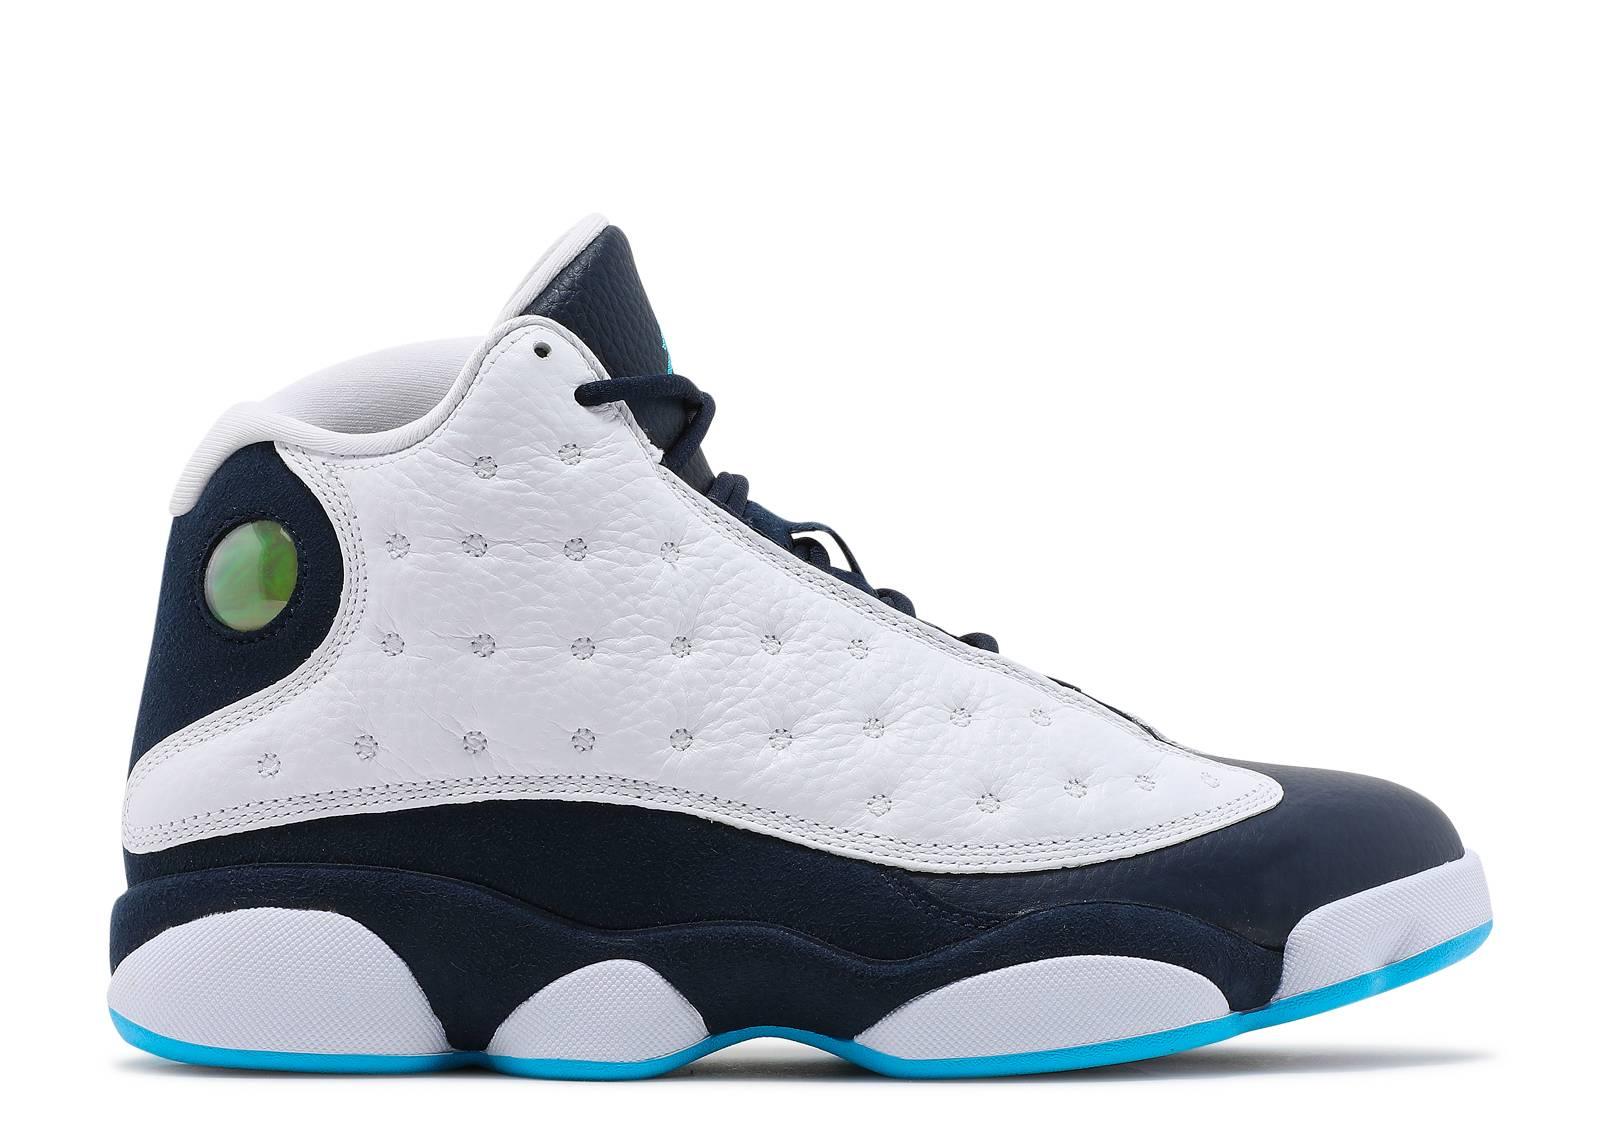 Air Jordan 13 Sneakers | Flight Club